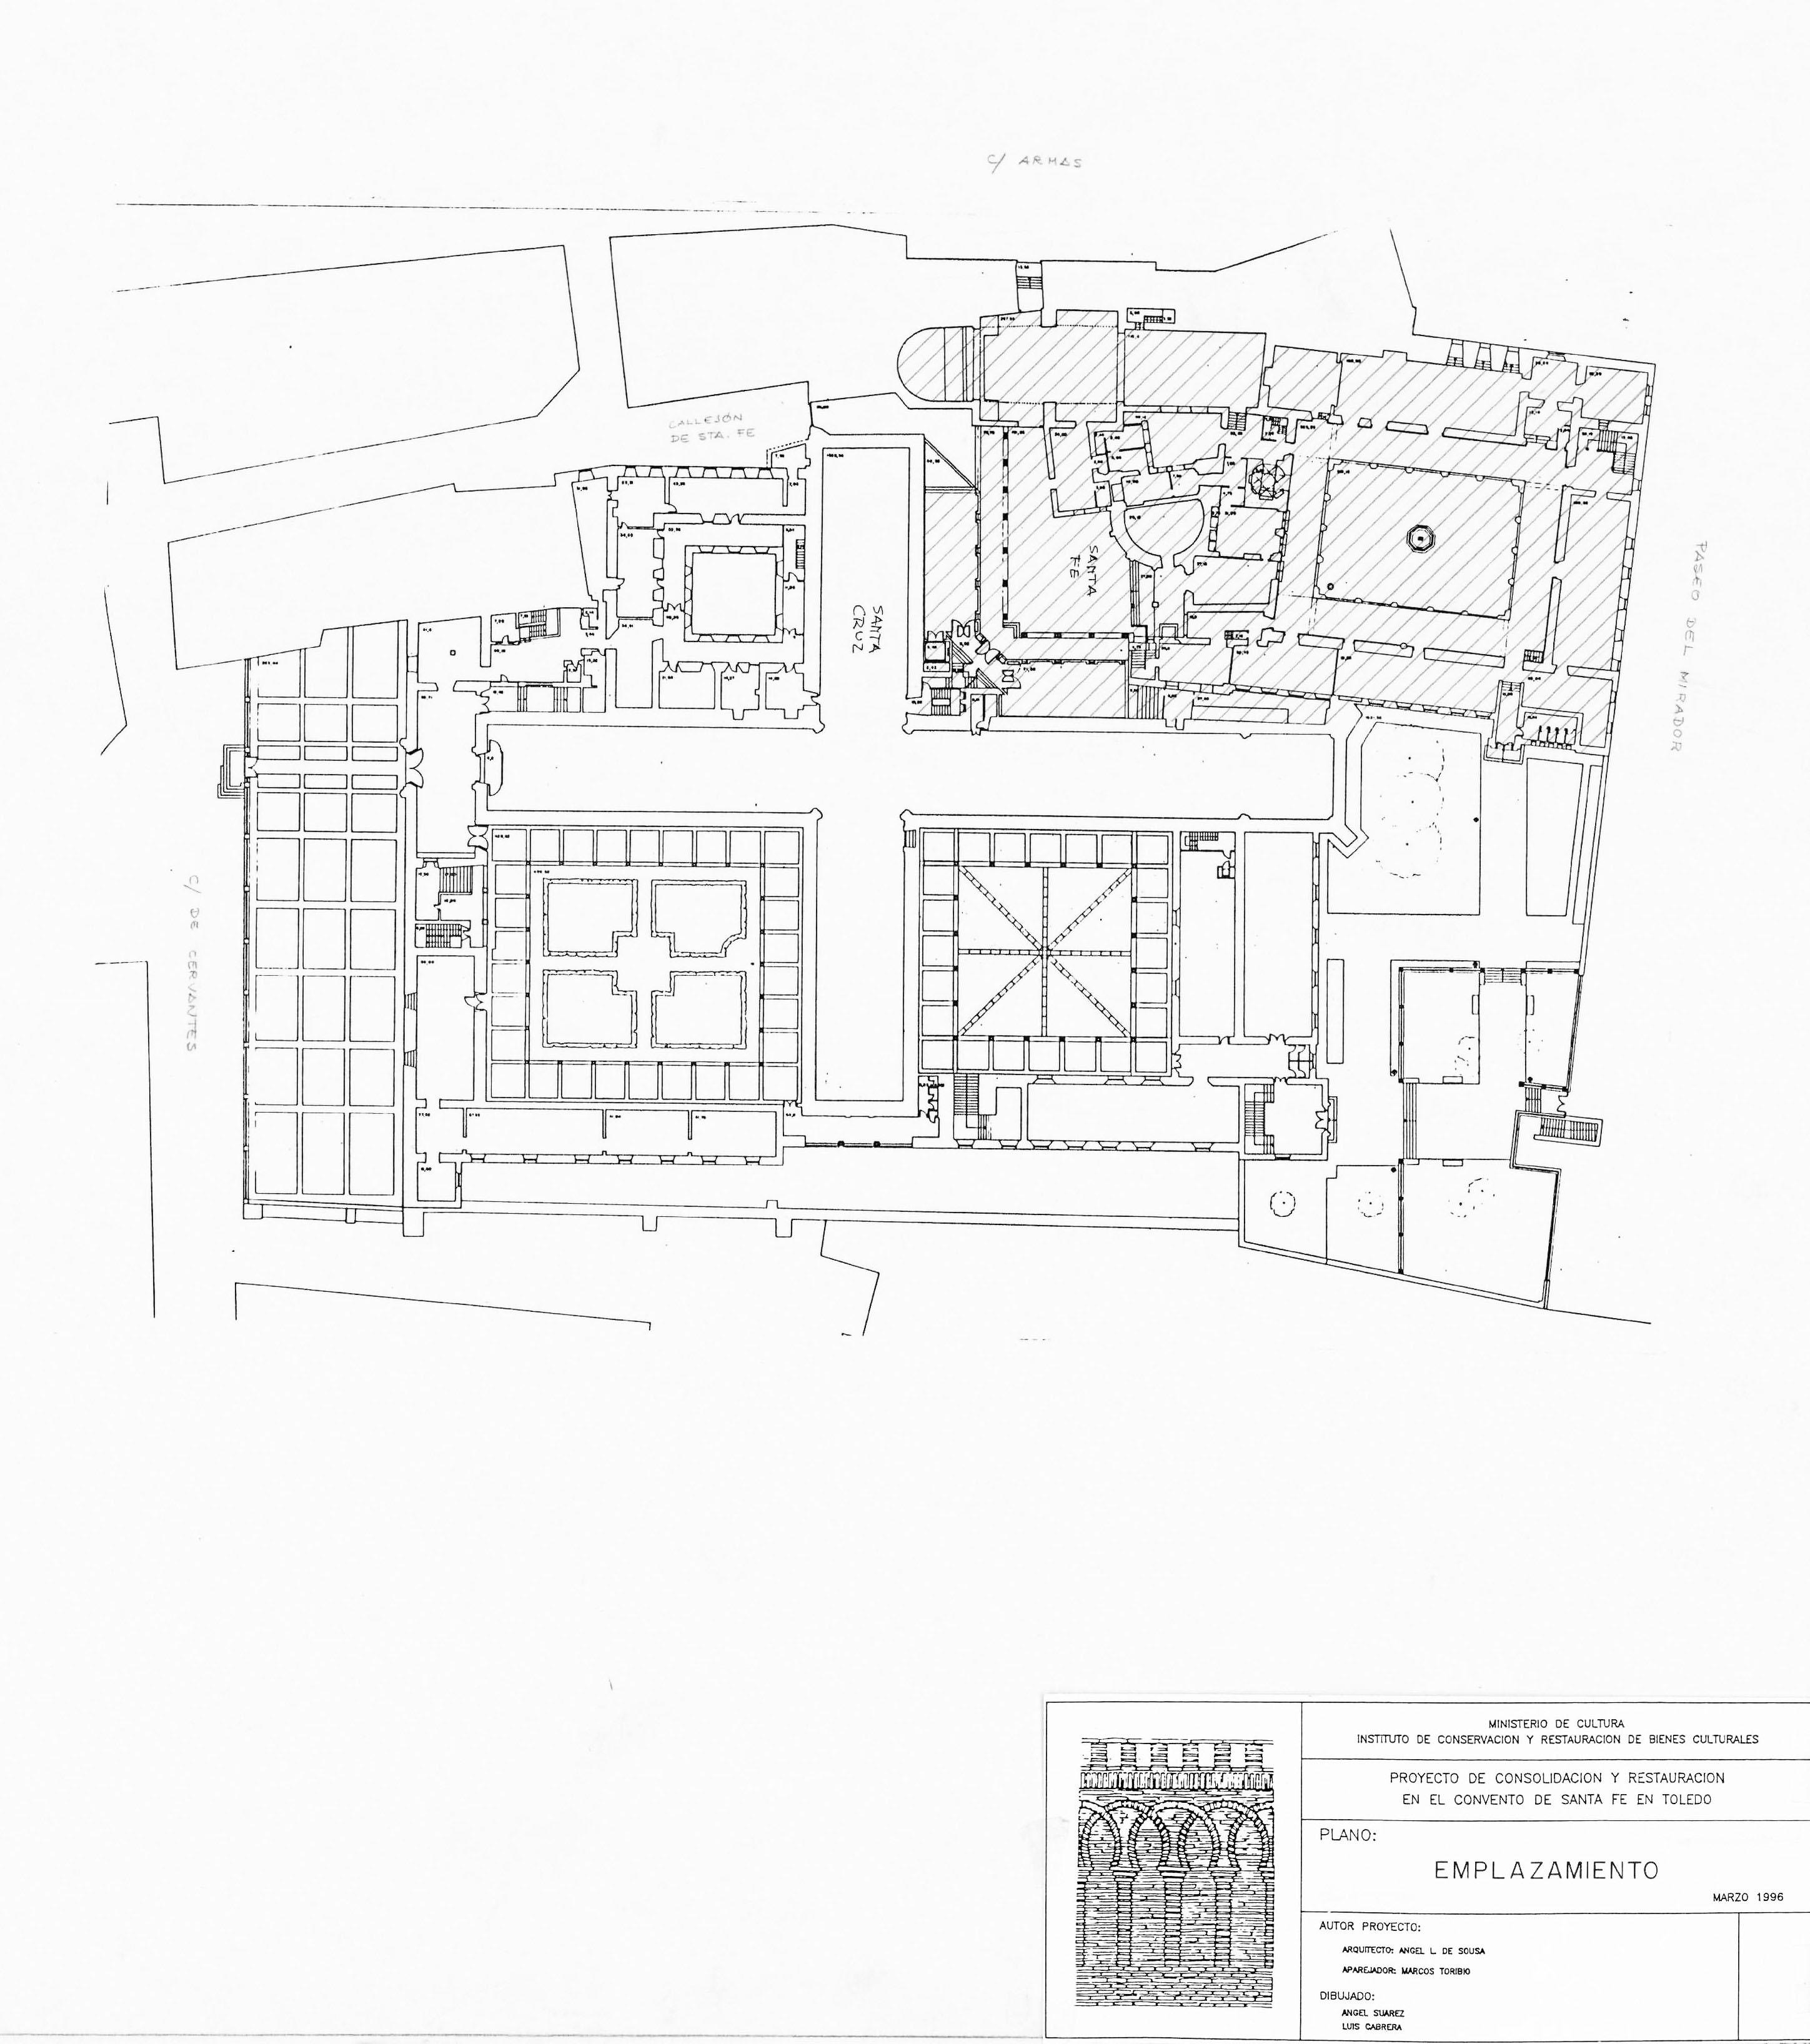 Planos del Convento de Santa Fe de Toledo. ©Ministerio de Cultura. Instituto de Conservación y Restauración de Bienes Culturales. Proyecto de consolidación y restauración. Marzo de 1996